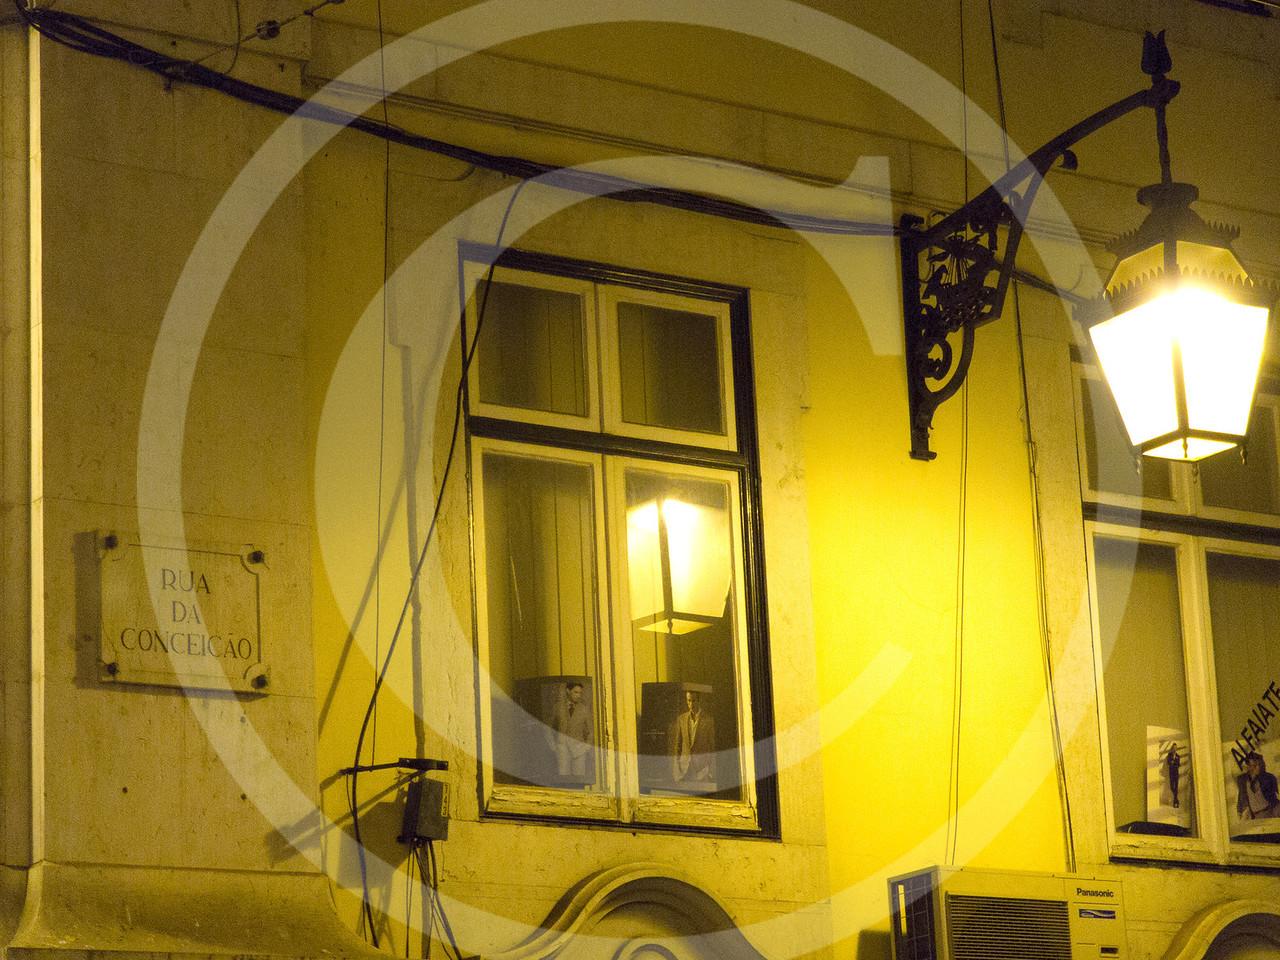 Lisboa0420111415-113